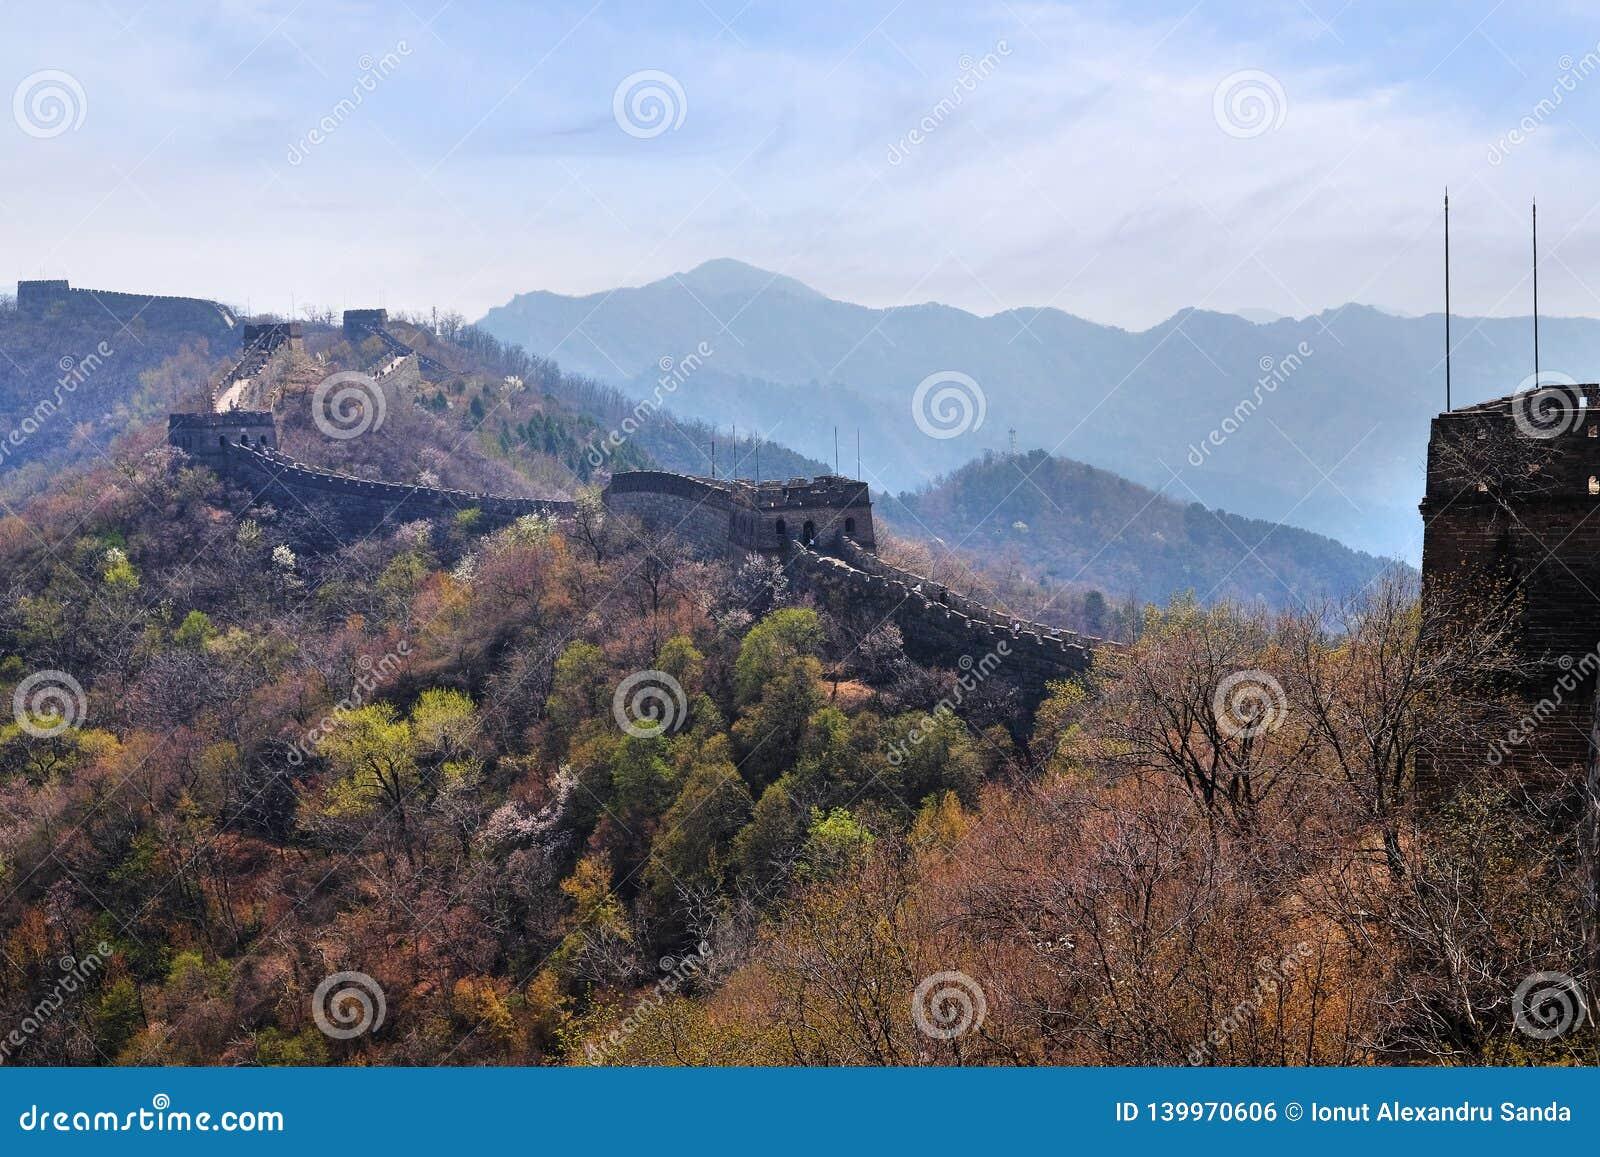 La sezione di Mutianyu della grande muraglia della Cina in un giorno di molla soleggiato, contro un cielo blu